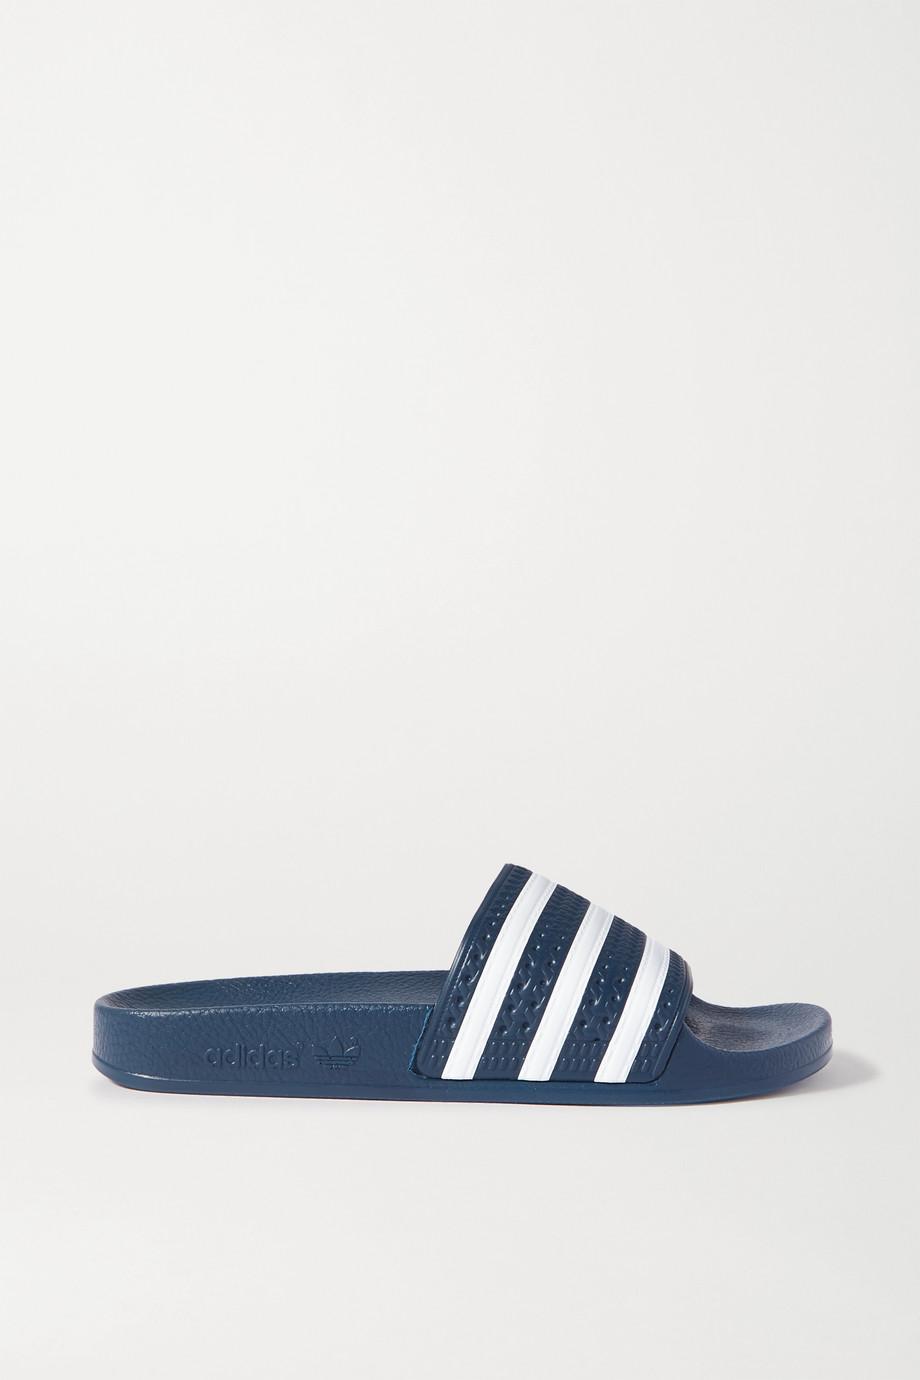 adidas Originals Adilette Pantoletten aus Gummi mit Streifen